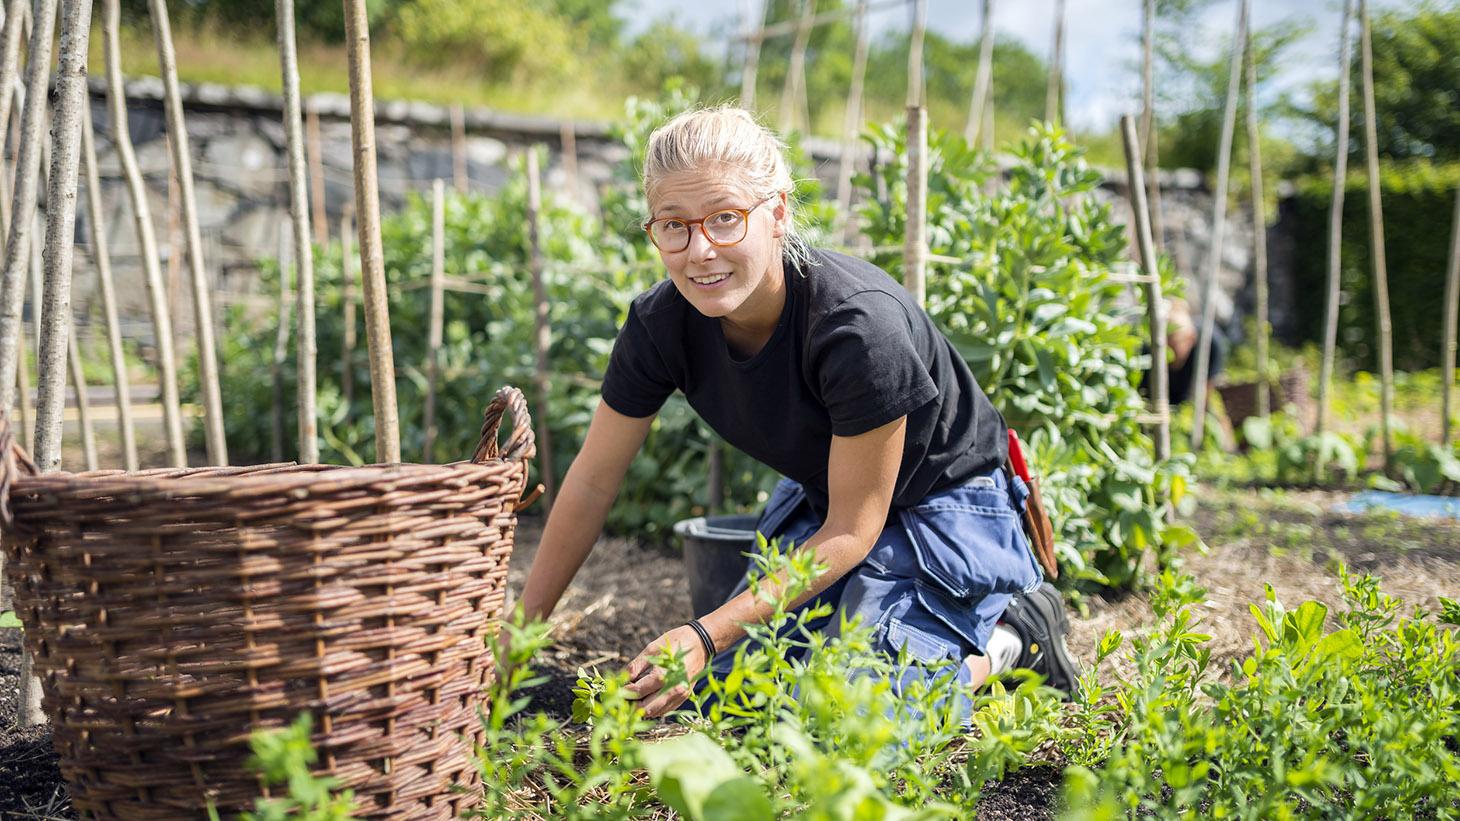 Kvinnlig trädgårdsarbetare rensar ogräs